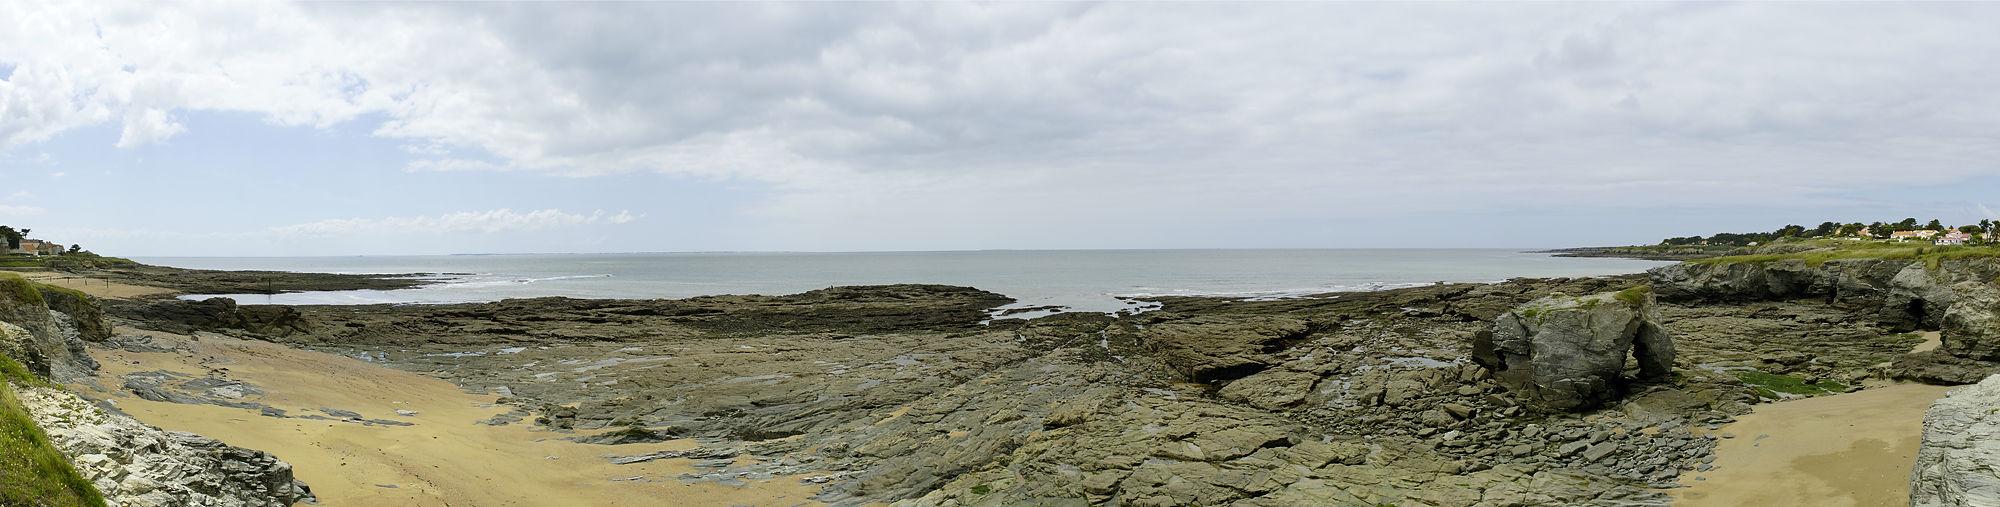 * Bucht bei Préfailles, Ebbe *